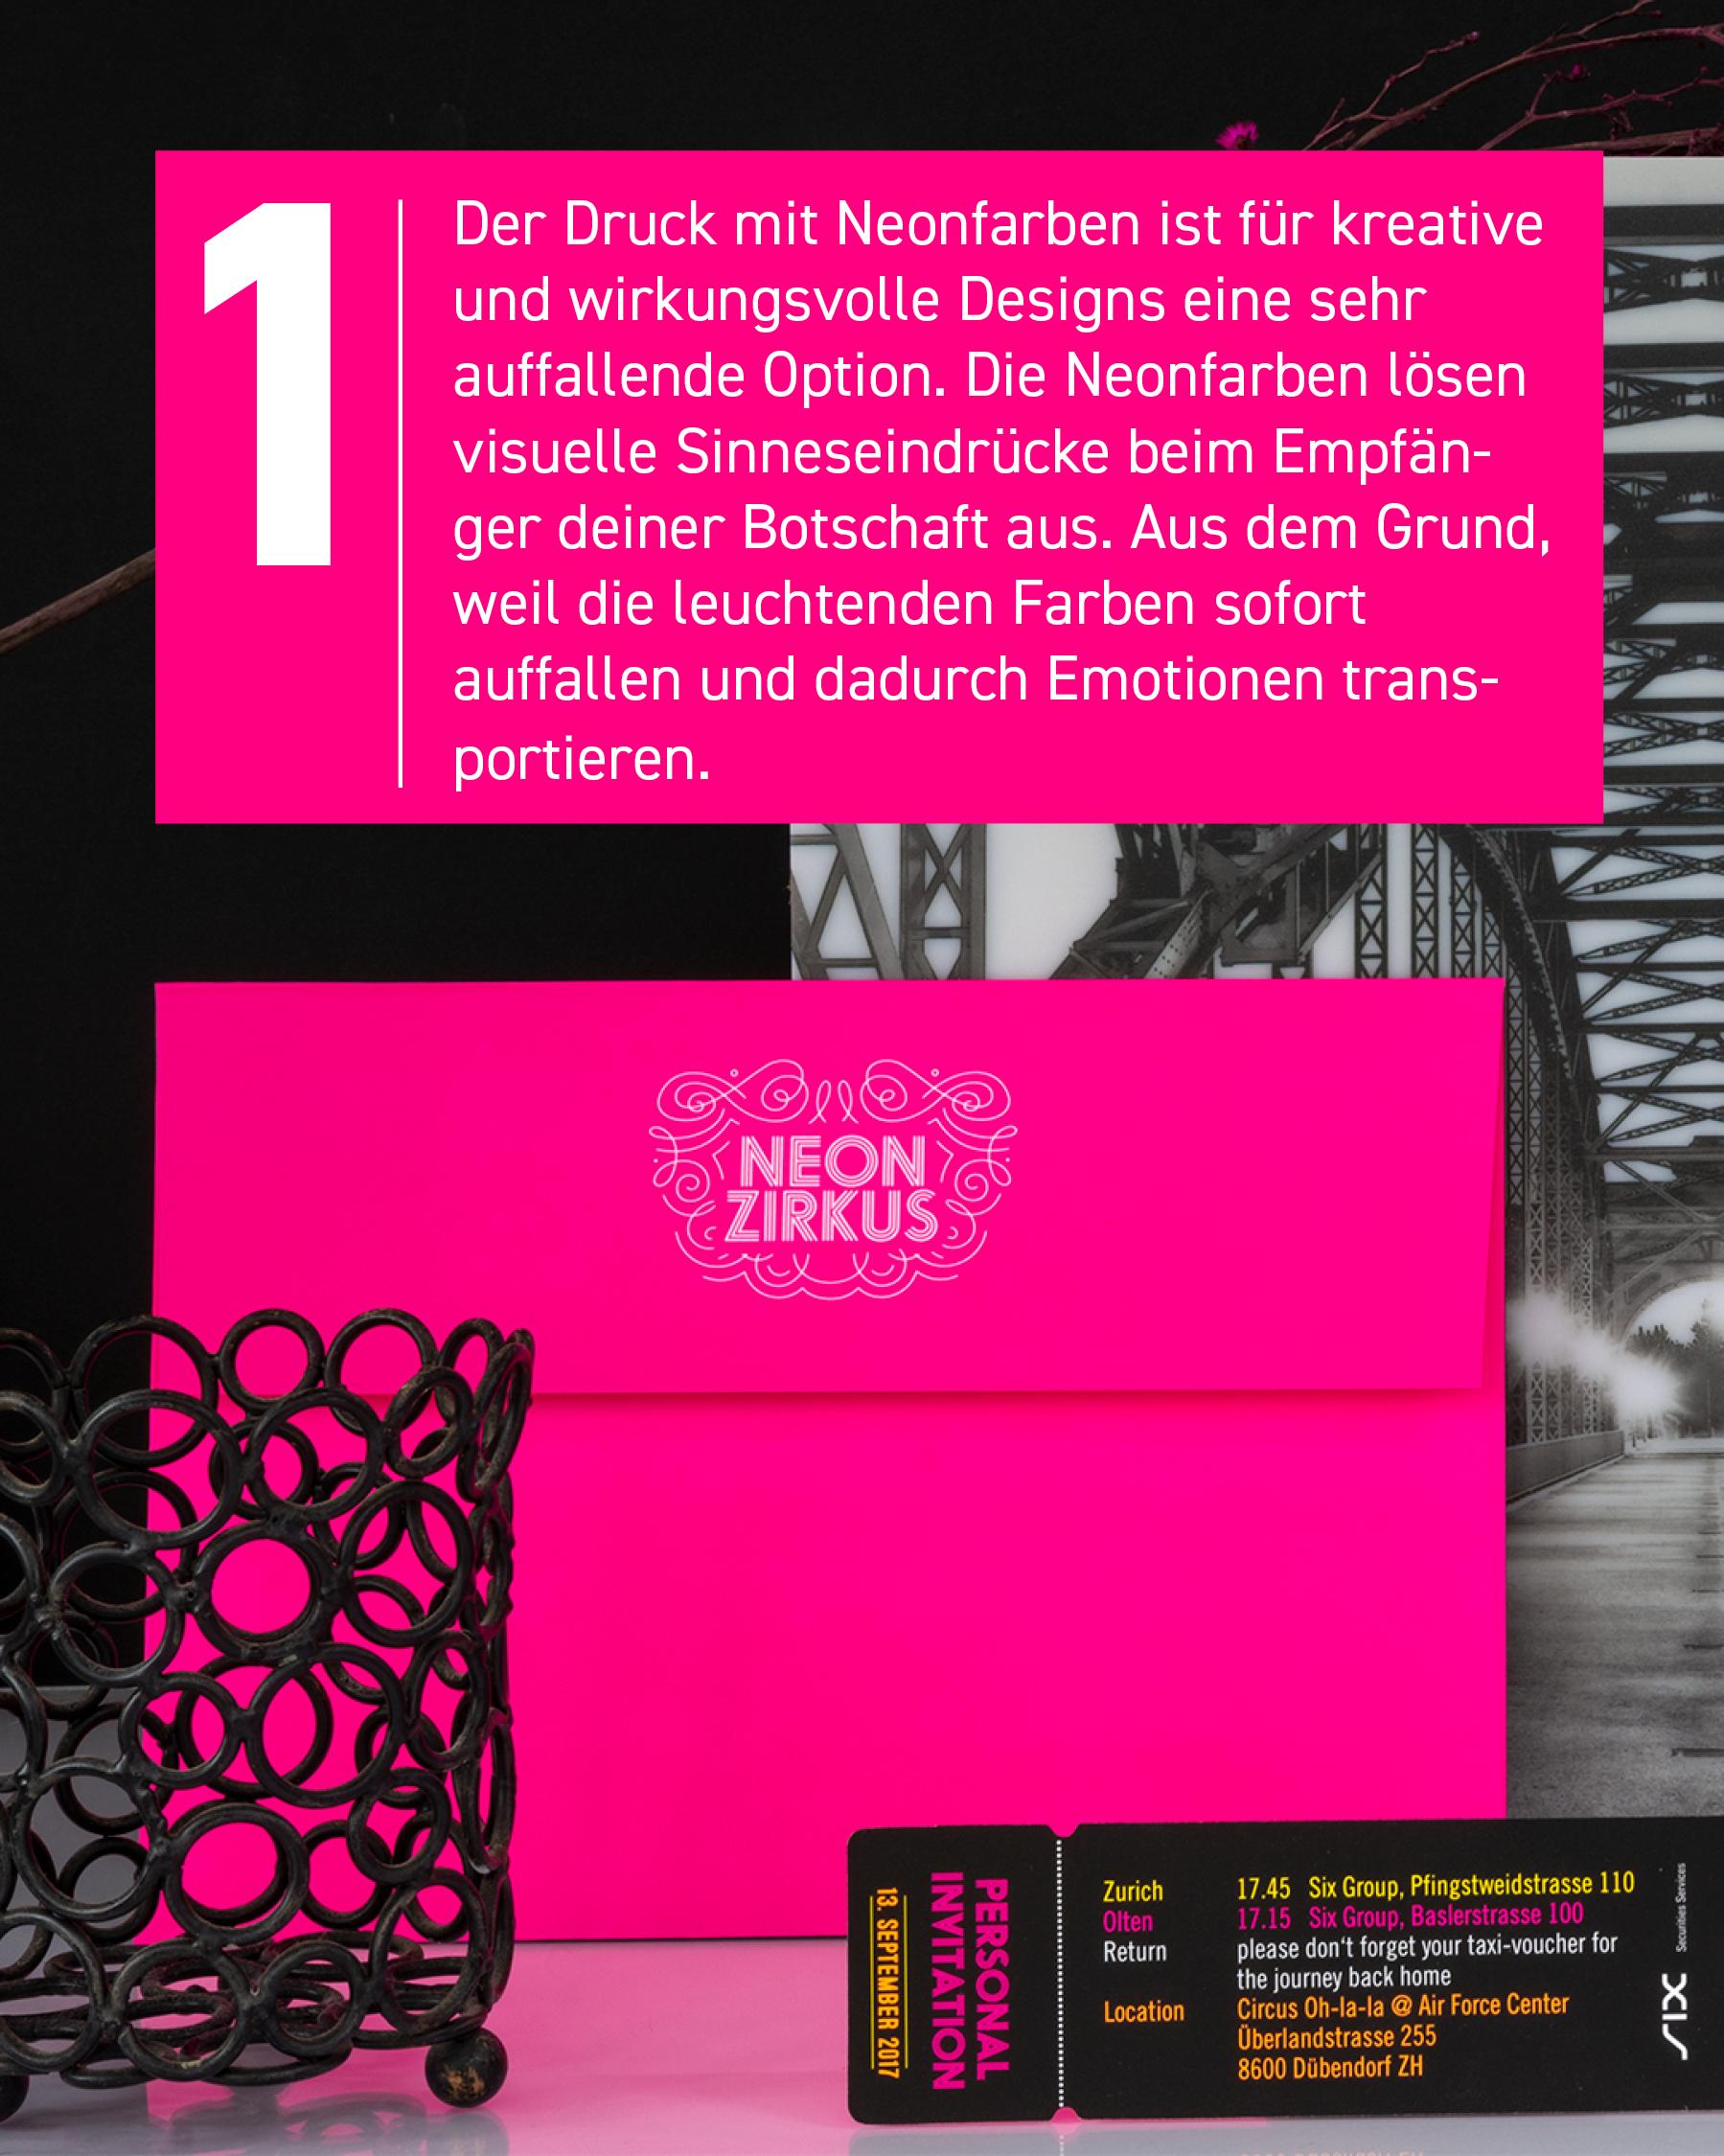 Der Druck mit Neonfarben ist für kreative und wirkungsvolle Designs eine sehr auffallende Option.